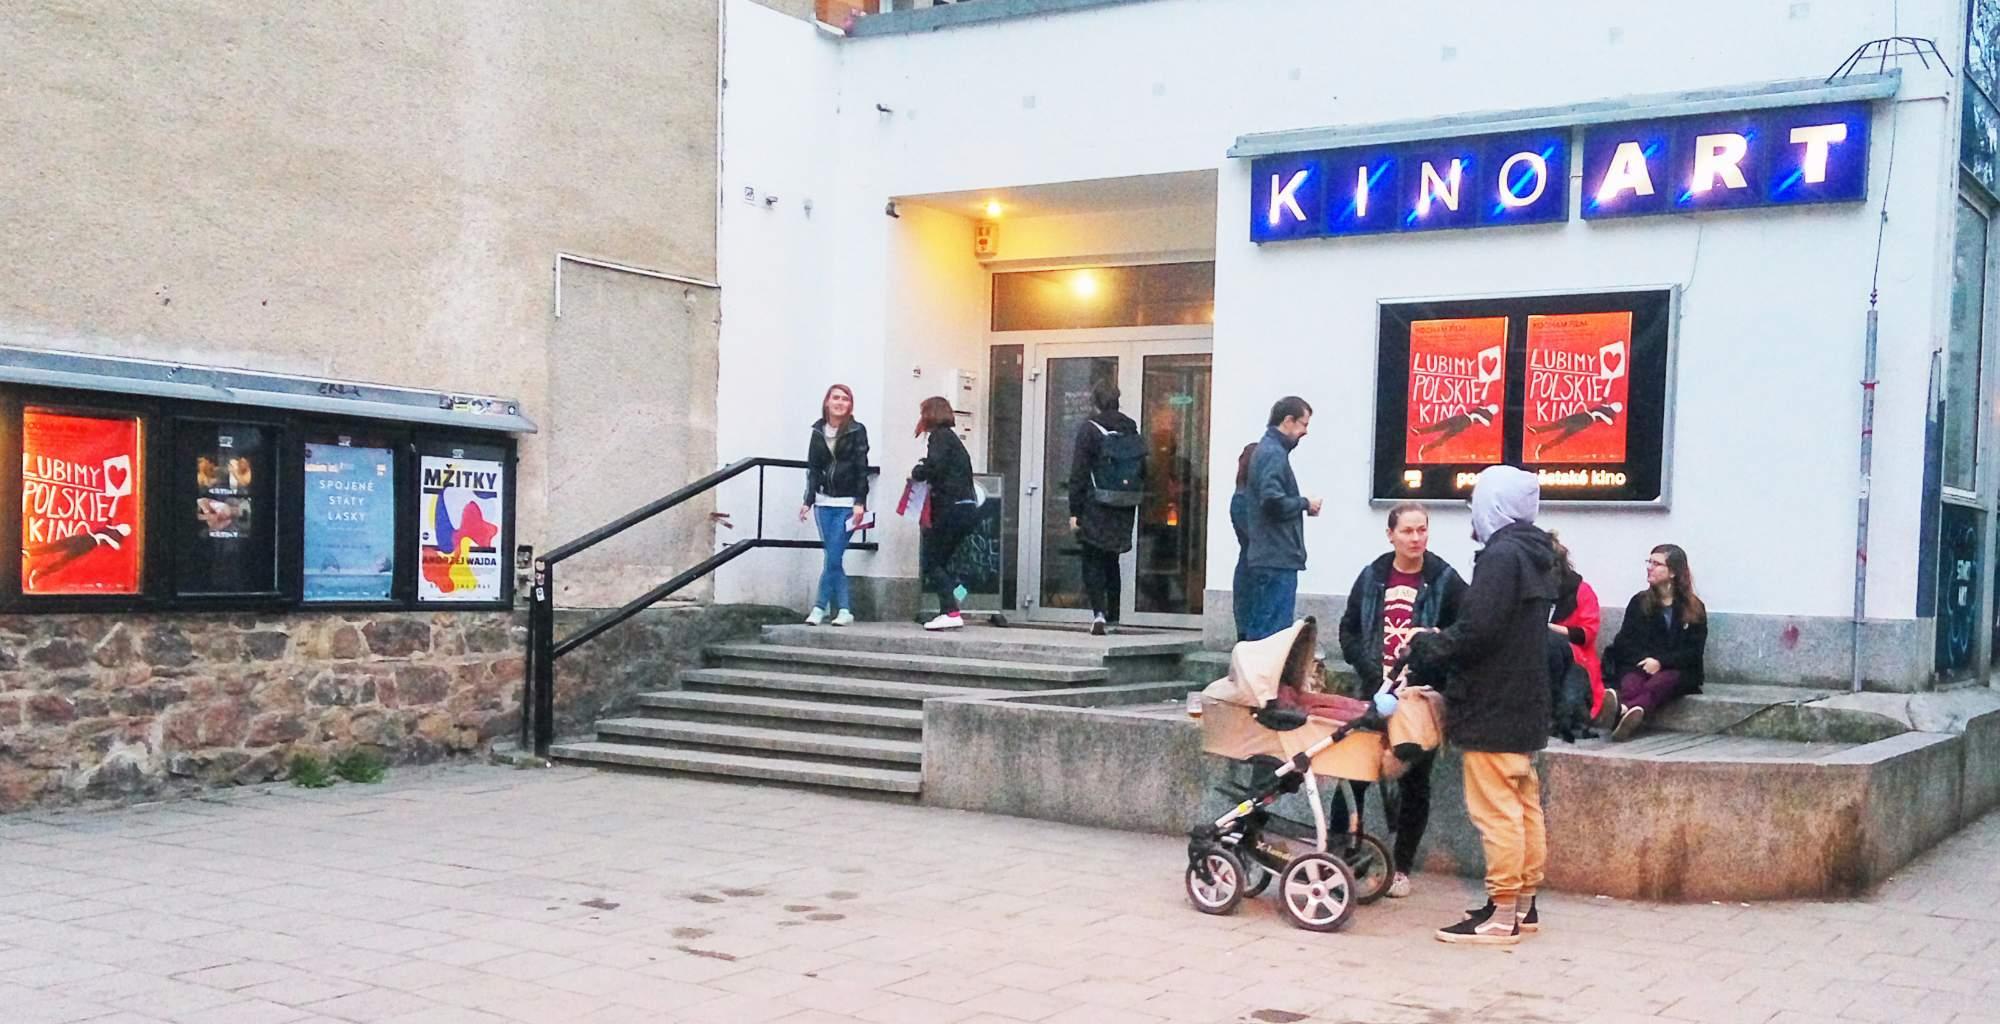 Organizátoři filmového festivalu Kocham film si za cíl kladou propagovat polskou kinematografii. | FOTO: Michaela Lebedíková